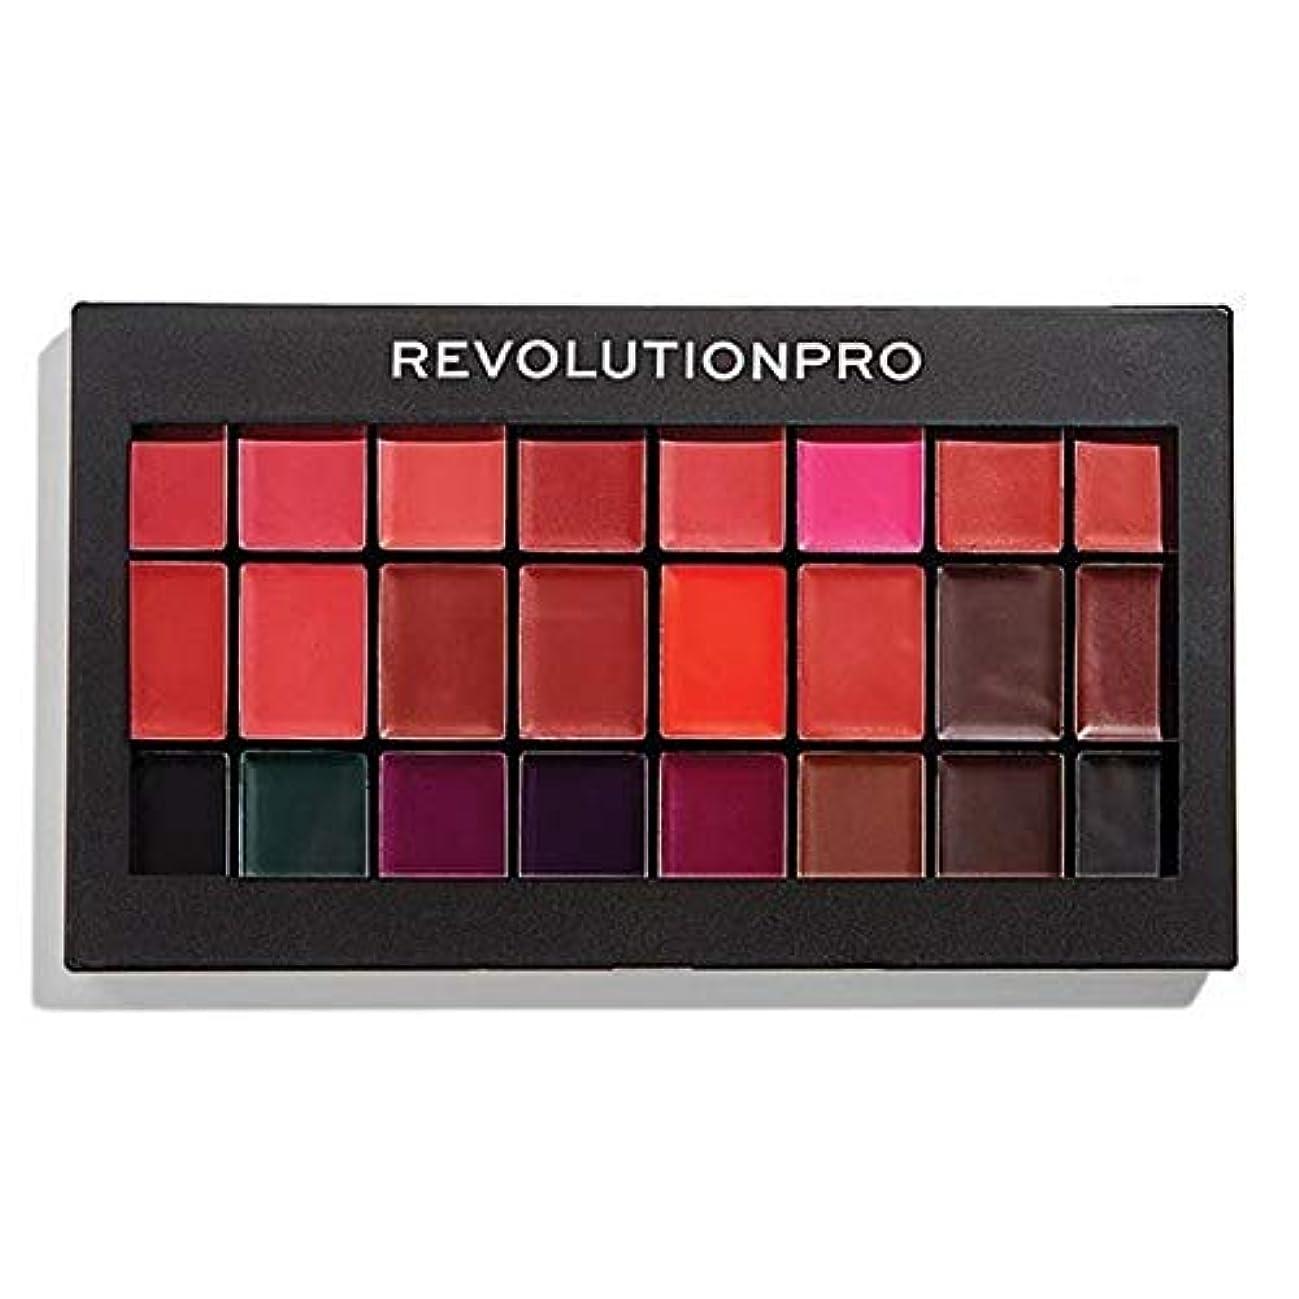 者キャストスーダン[Revolution ] 革命プロ口紅キット赤&Vamps - Revolution Pro Lipstick Kit Reds & Vamps [並行輸入品]